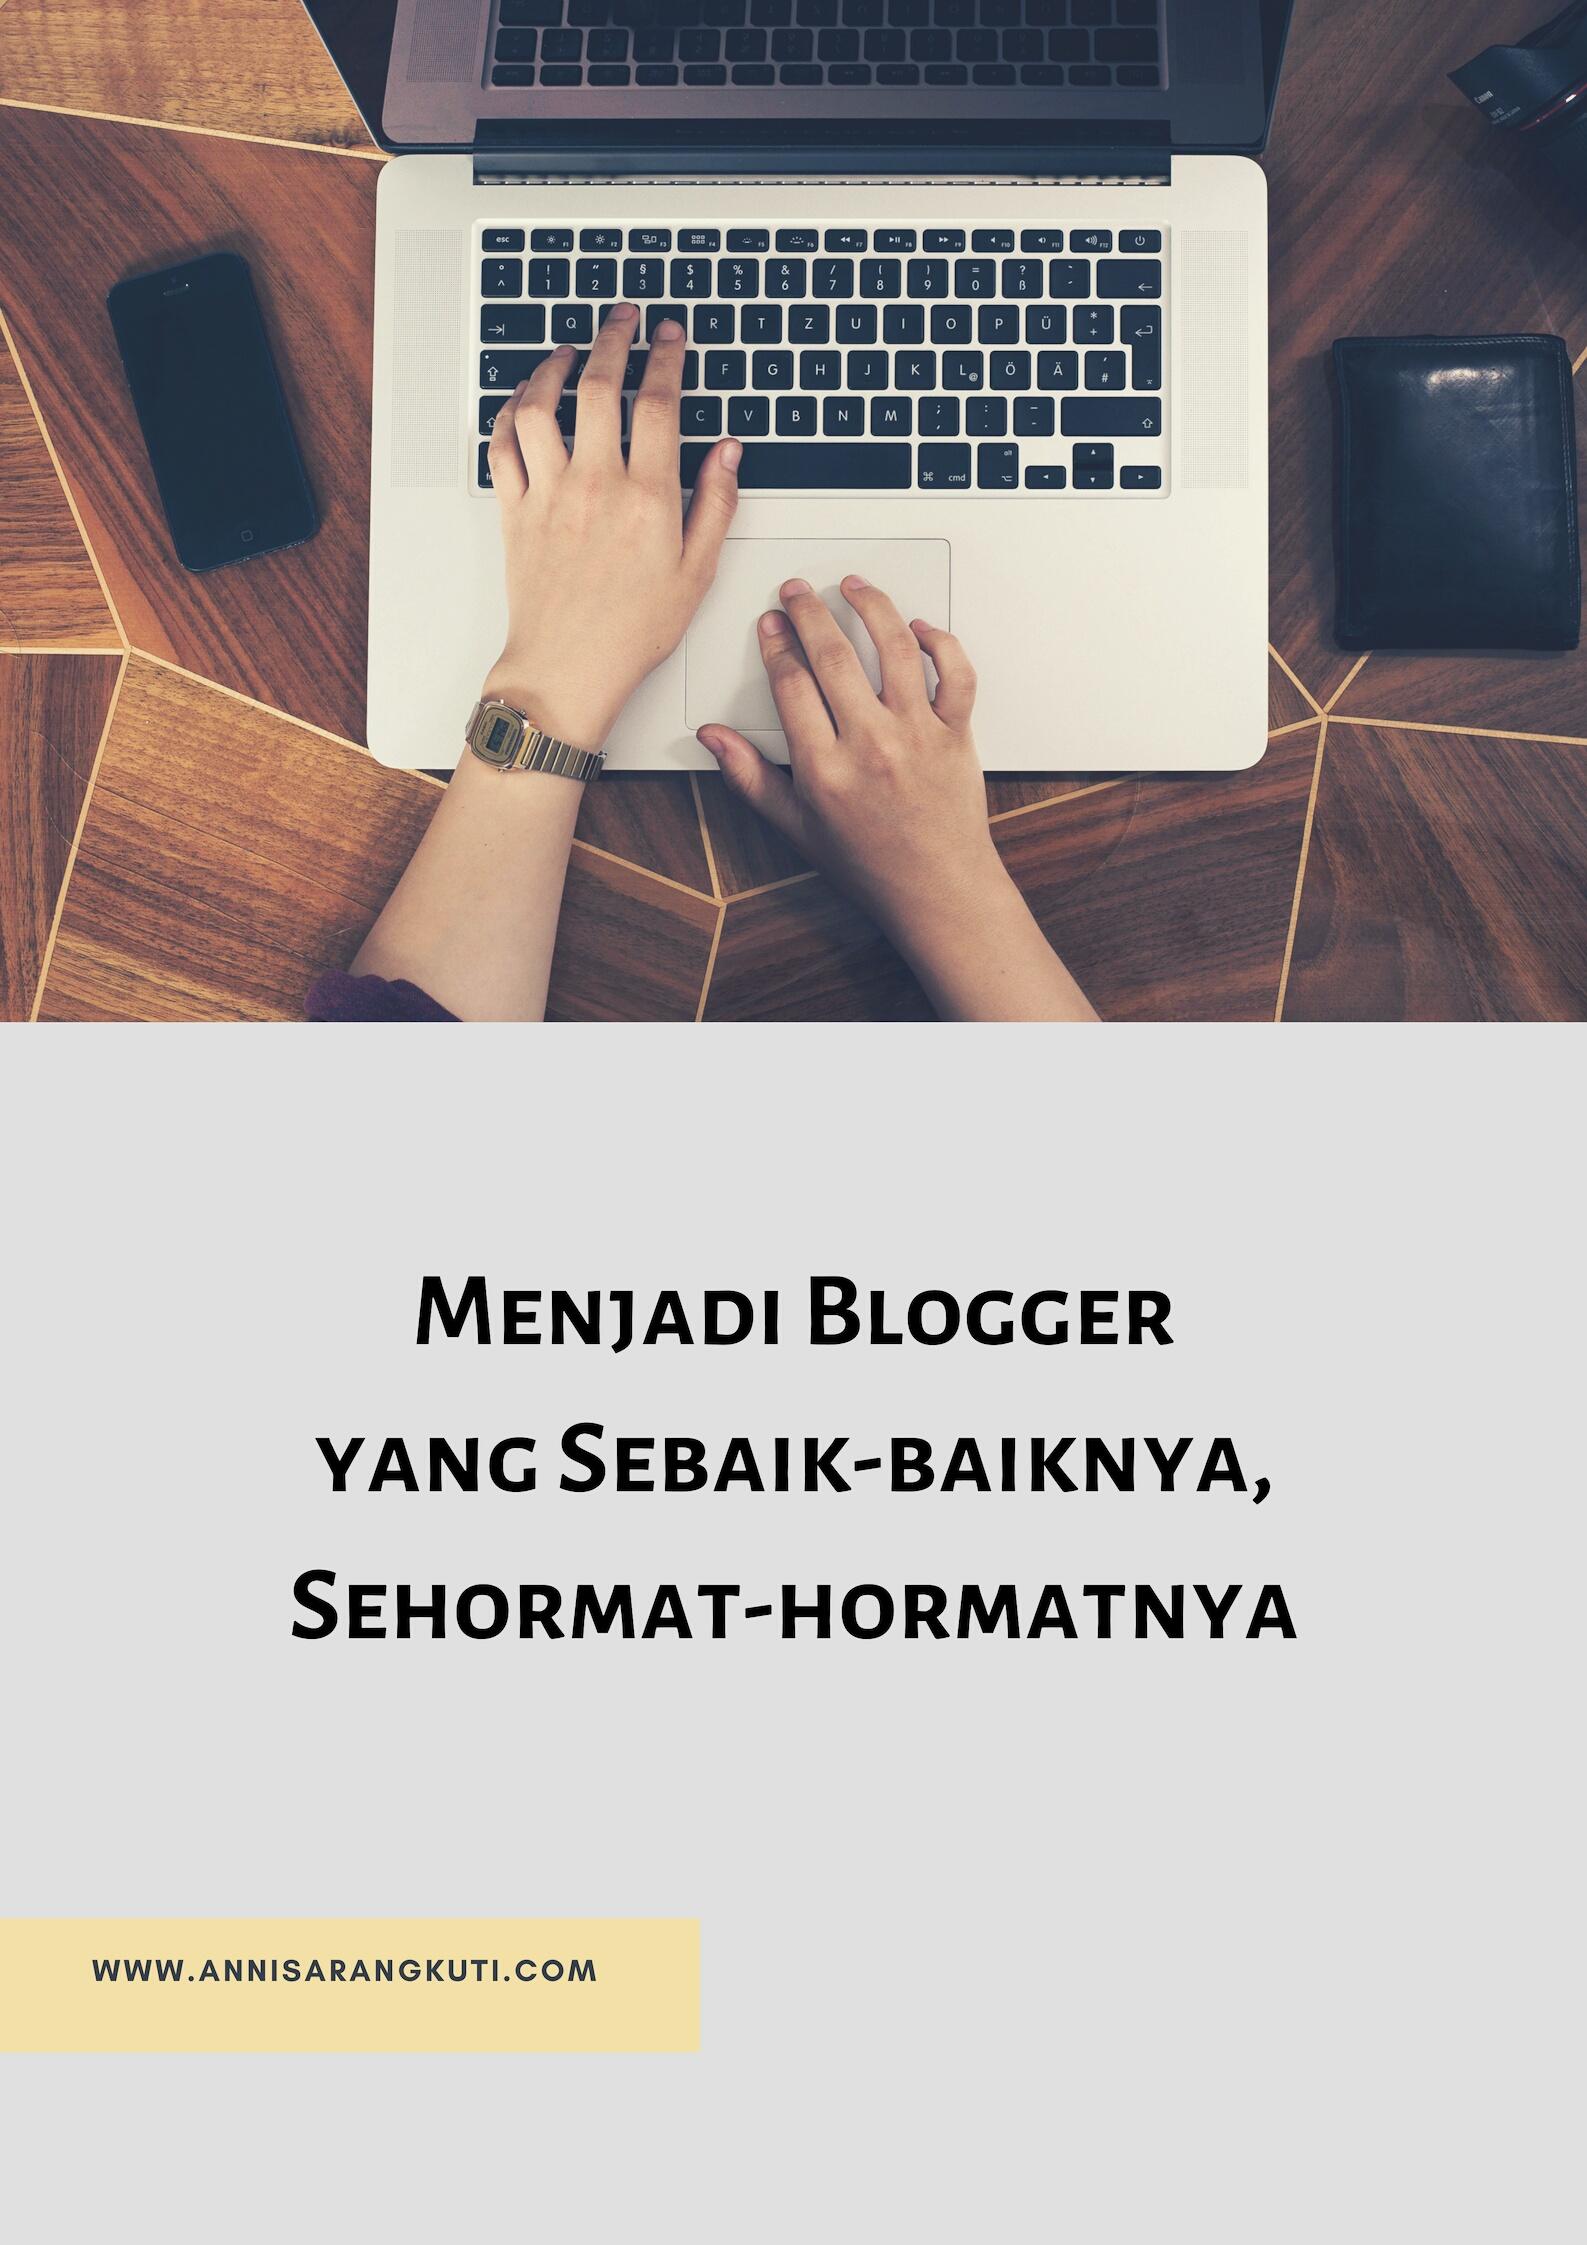 Menjadi Blogger yang Sebaik-baiknya, Sehormat-hormatnya